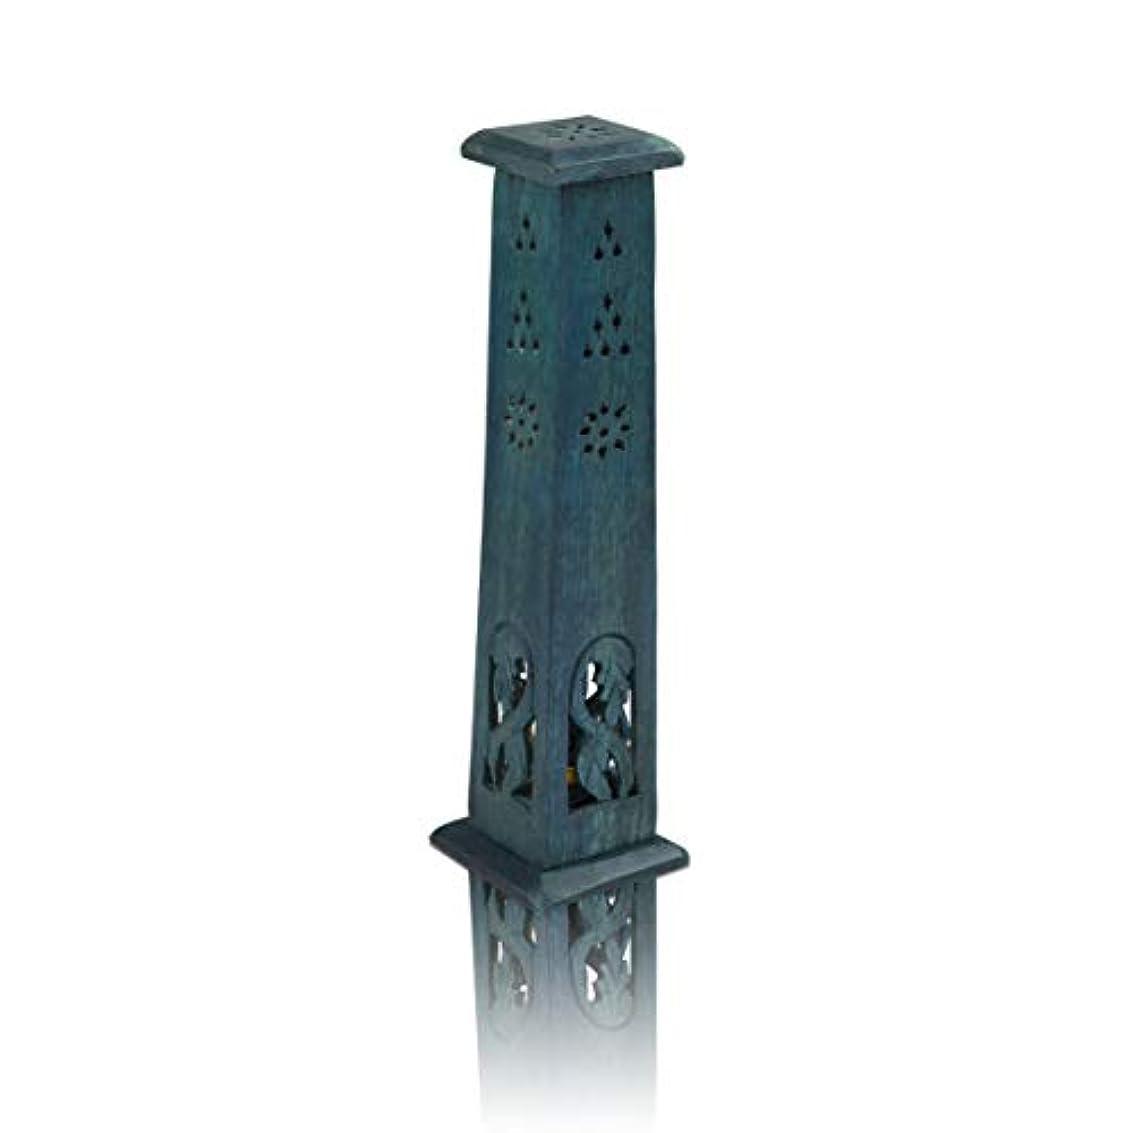 抵当スクラップバラバラにする木製お香スティック&コーンバーナーホルダー タワー ラージ オーガニック エコフレンドリー アッシュキャッチャー アガーバティホルダー 素朴なスタイル 手彫り 瞑想 ヨガ アロマセラピー ホームフレグランス製品